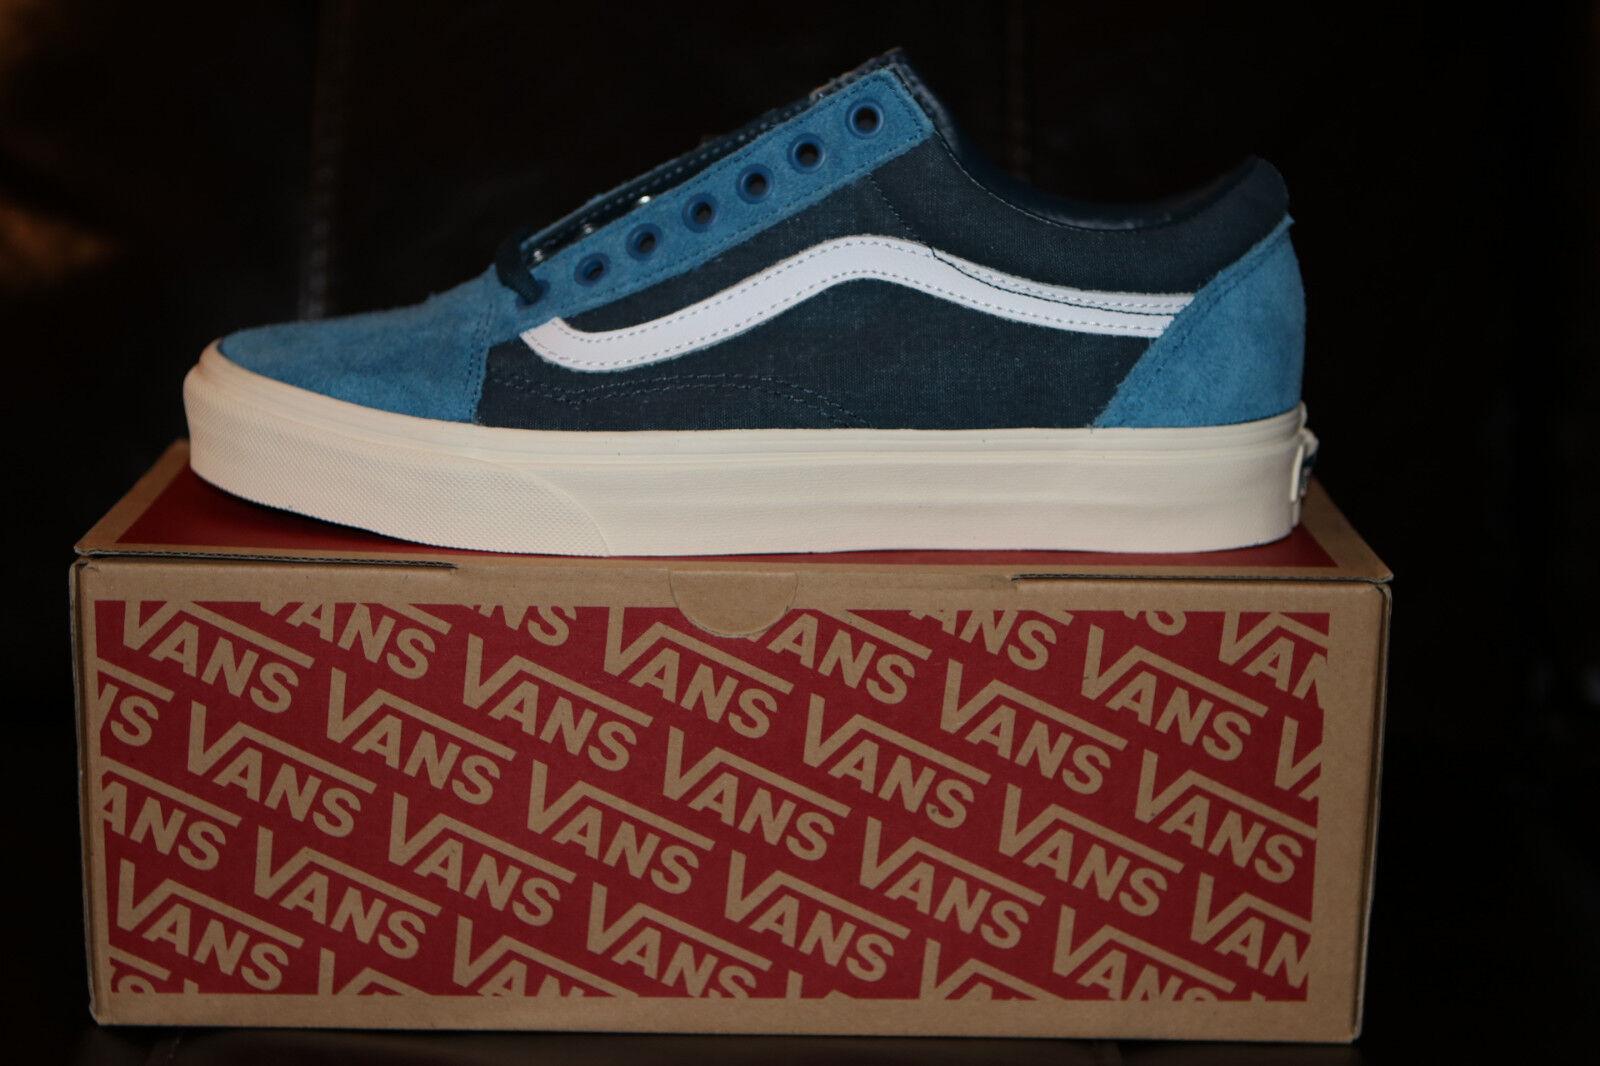 Vans para j. crew Old Skool zapatillas edición limitada azul nuevo señores us 10